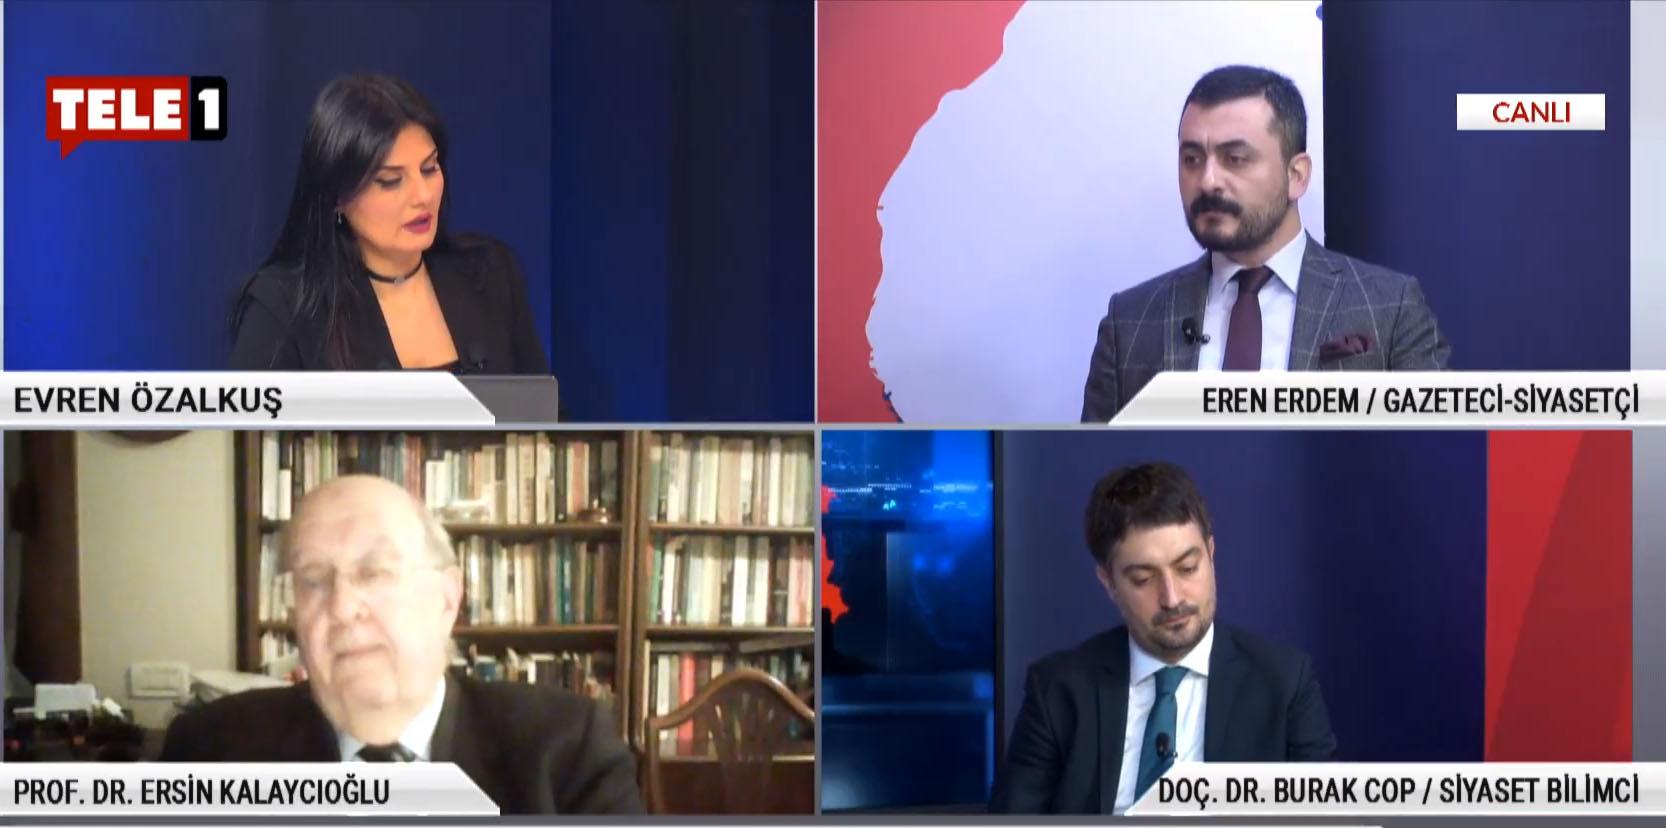 """Prof. Dr. Ersin Kalaycıoğlu: """"27 Mayıs olduğu sırada Türkiye'de demokrasi olduğu söylenemez!"""""""